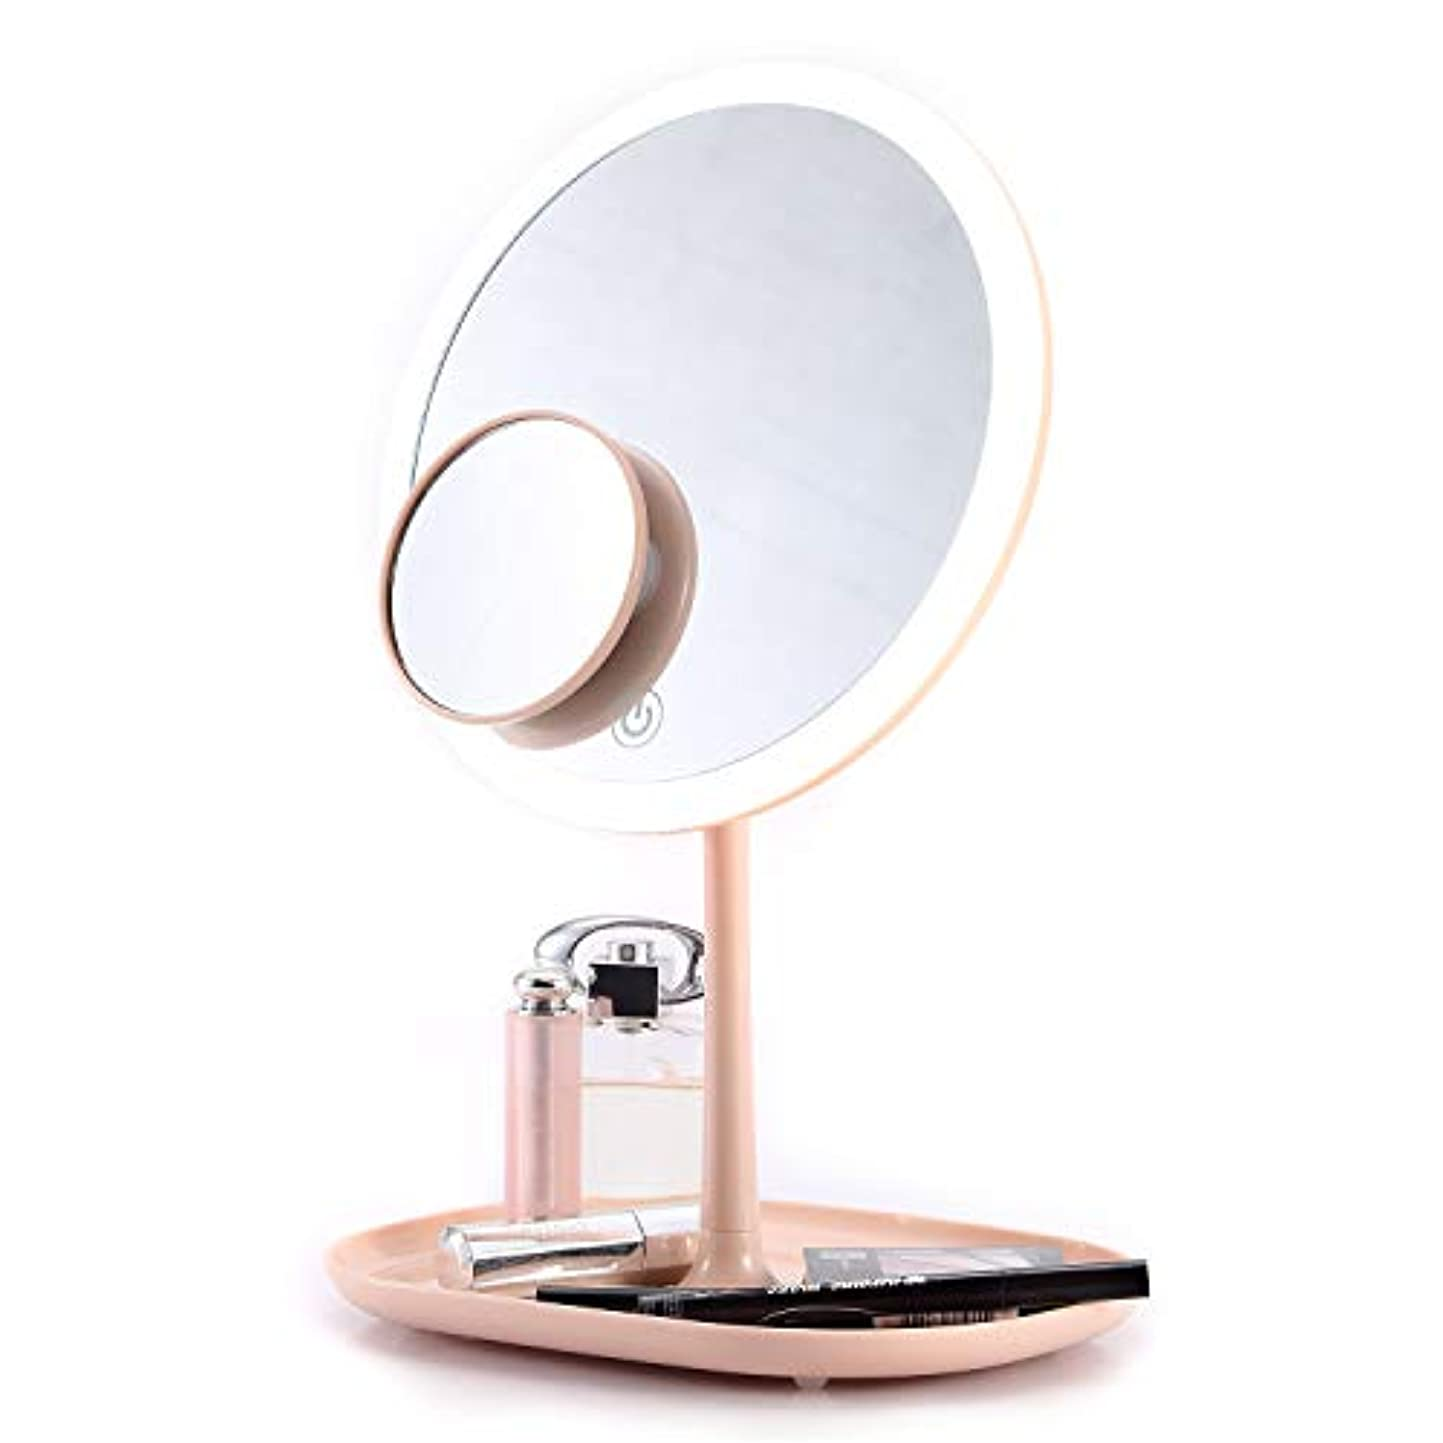 許可する出演者空洞卓上ミラー 鏡 化粧ミラー 化粧鏡 LED付き 女優ミラー 5倍拡大鏡付き 明るさ調整可能な 充電式 鏡面Φ203mm